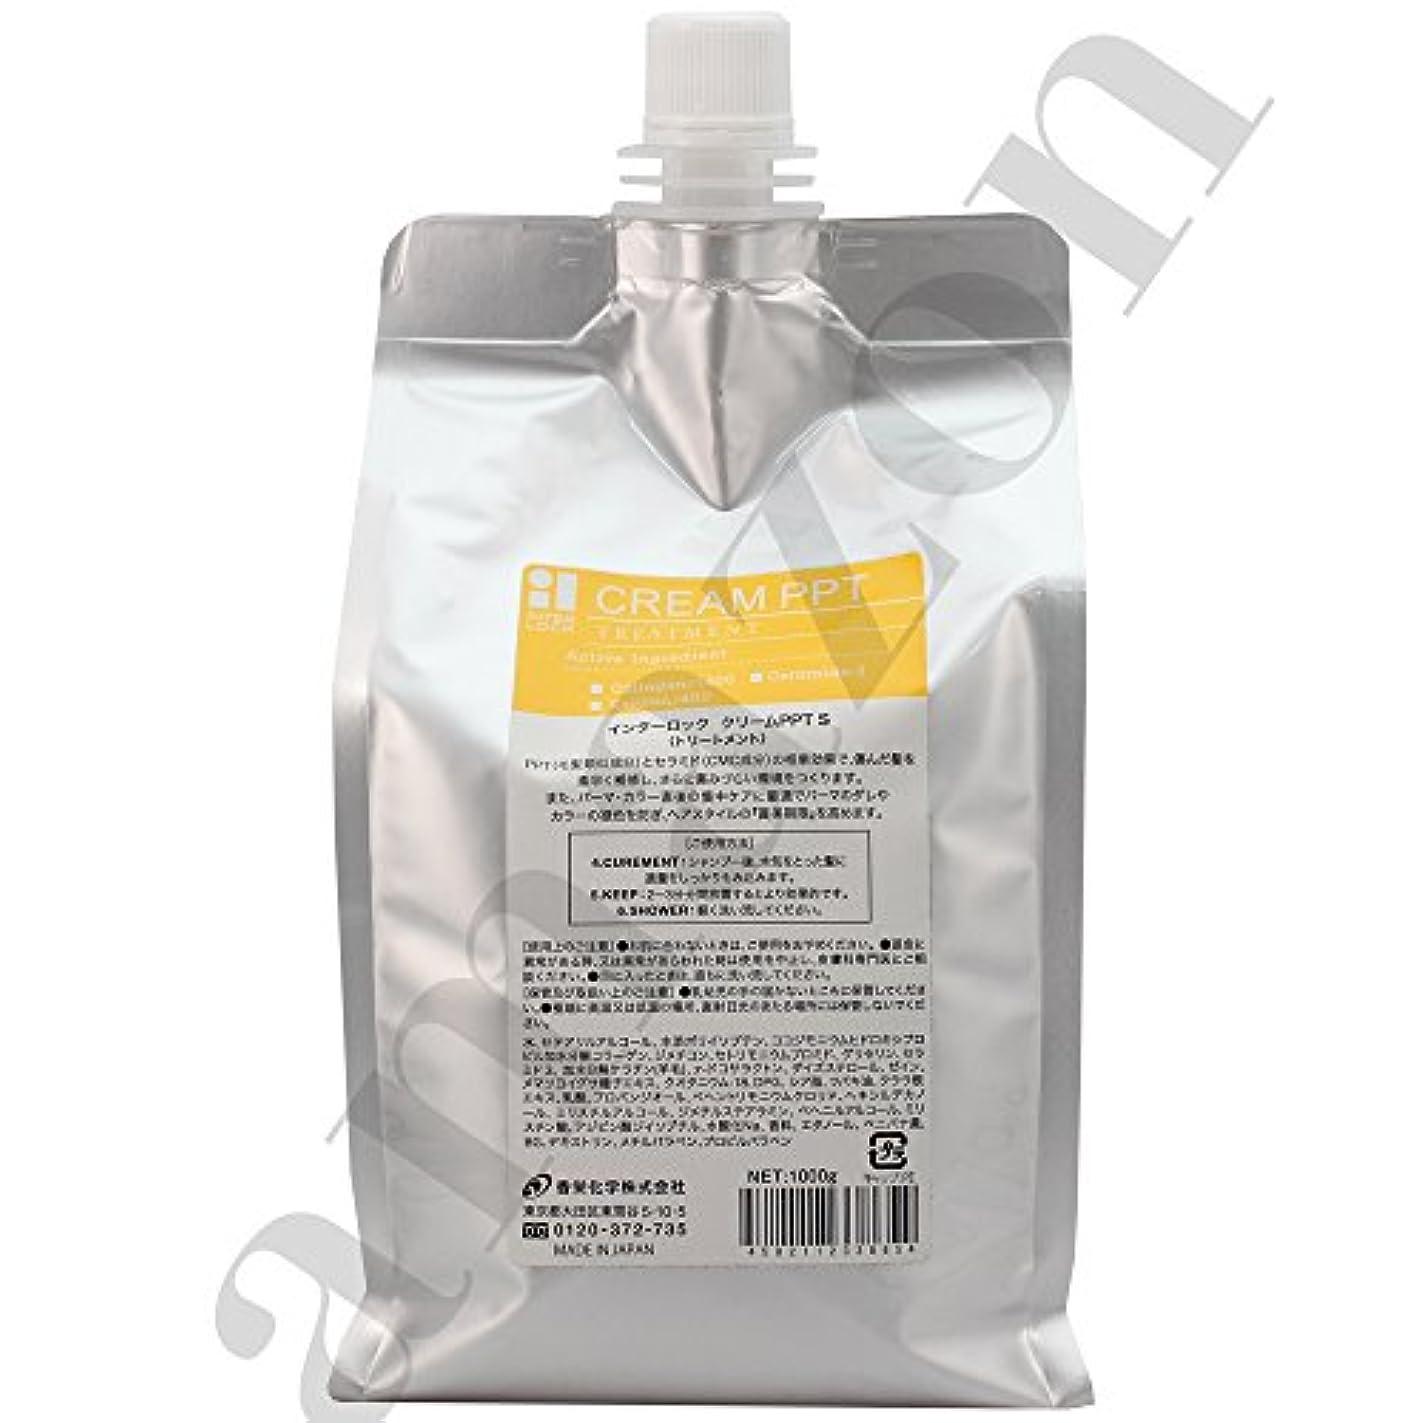 失敗家美徳香栄化学 インターロック クリームPPT S レフィル 1000g